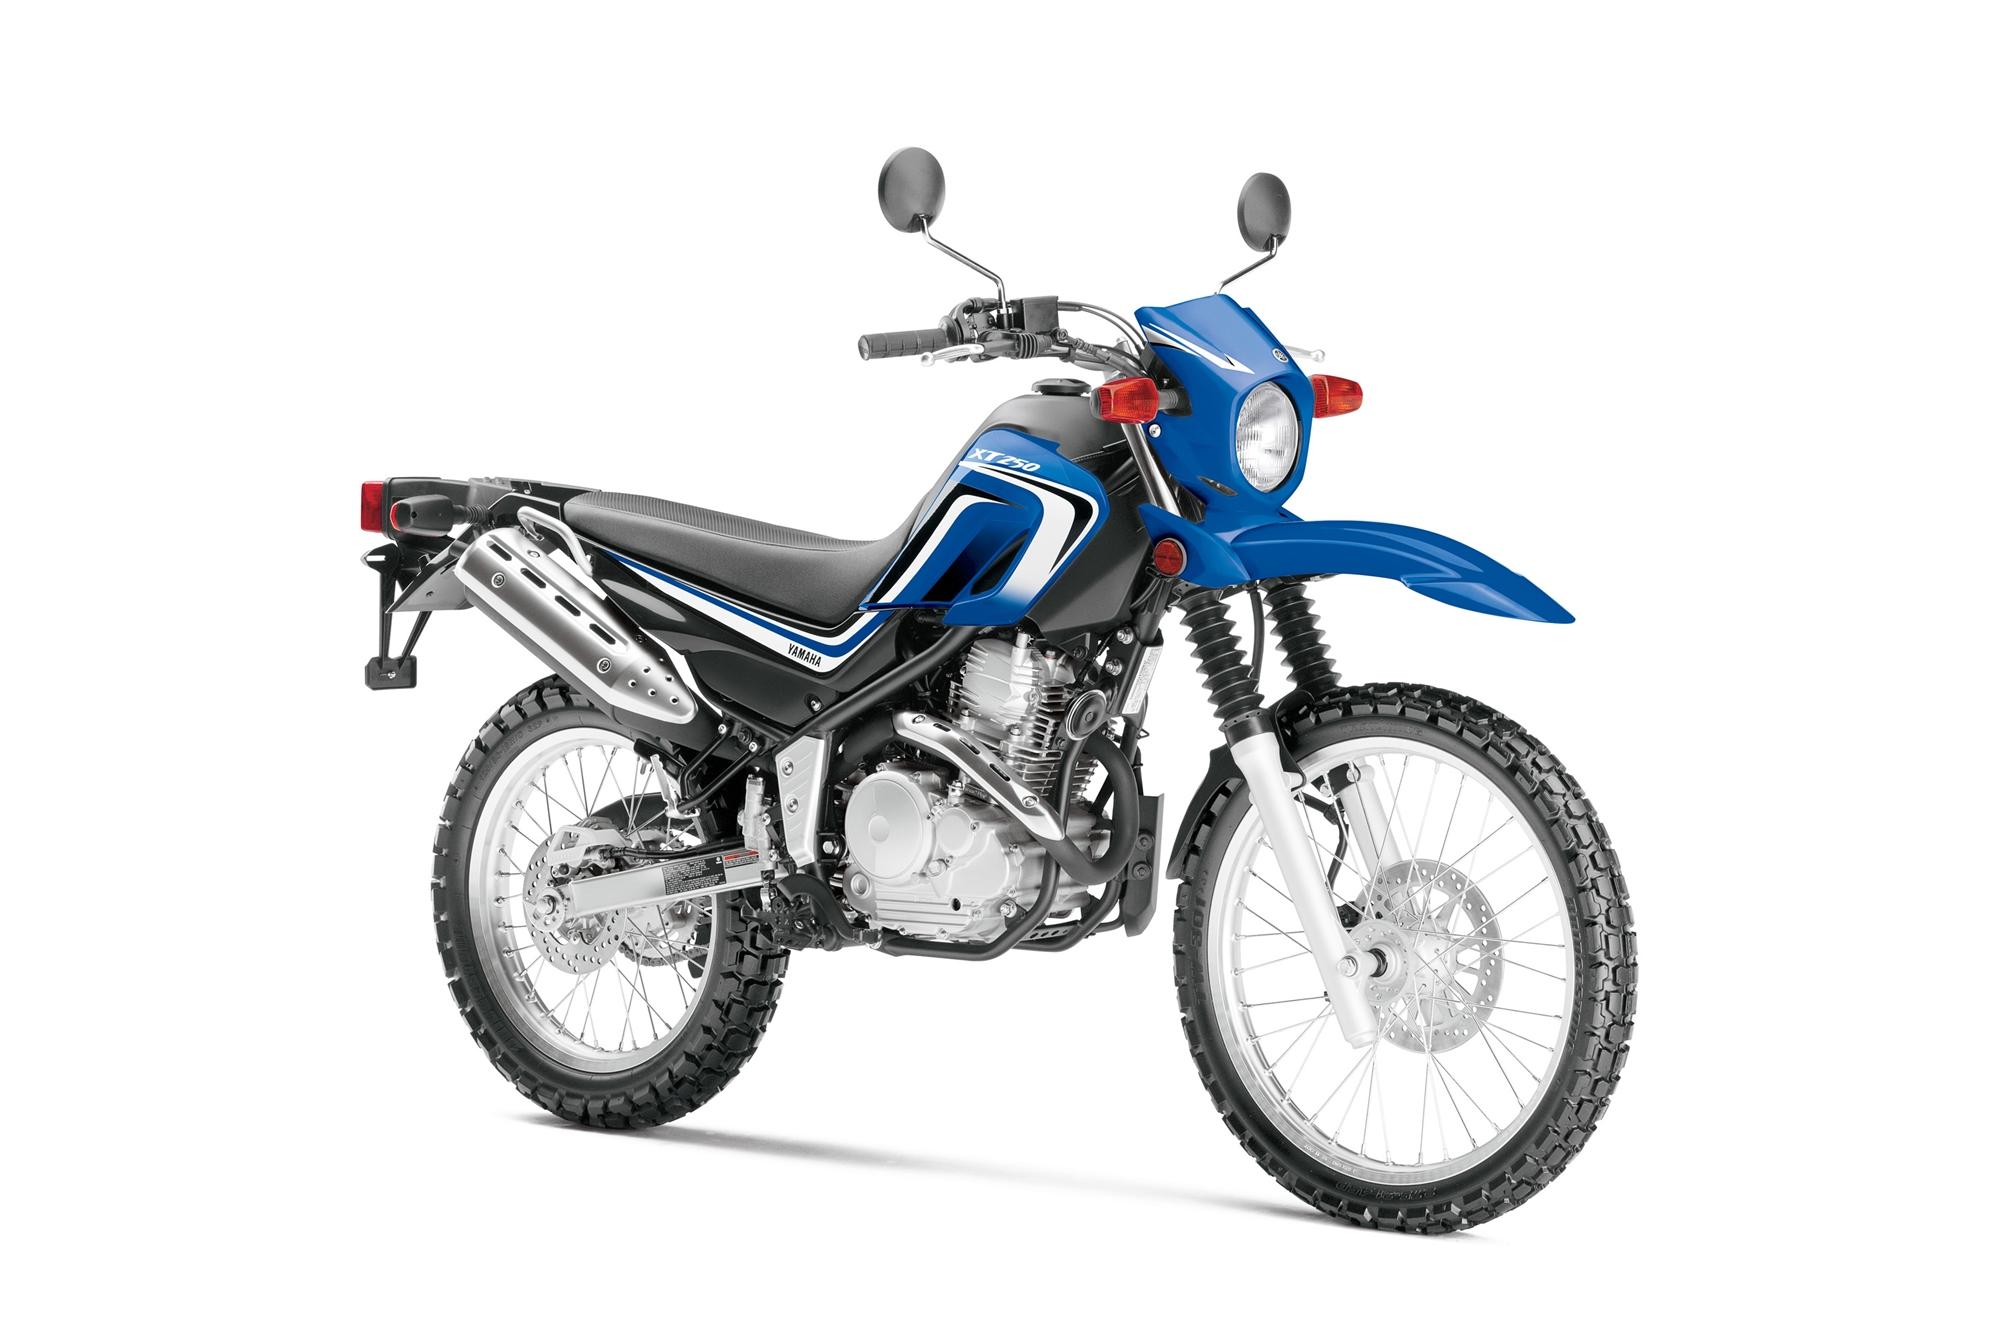 Yamaha Xt250 Specs